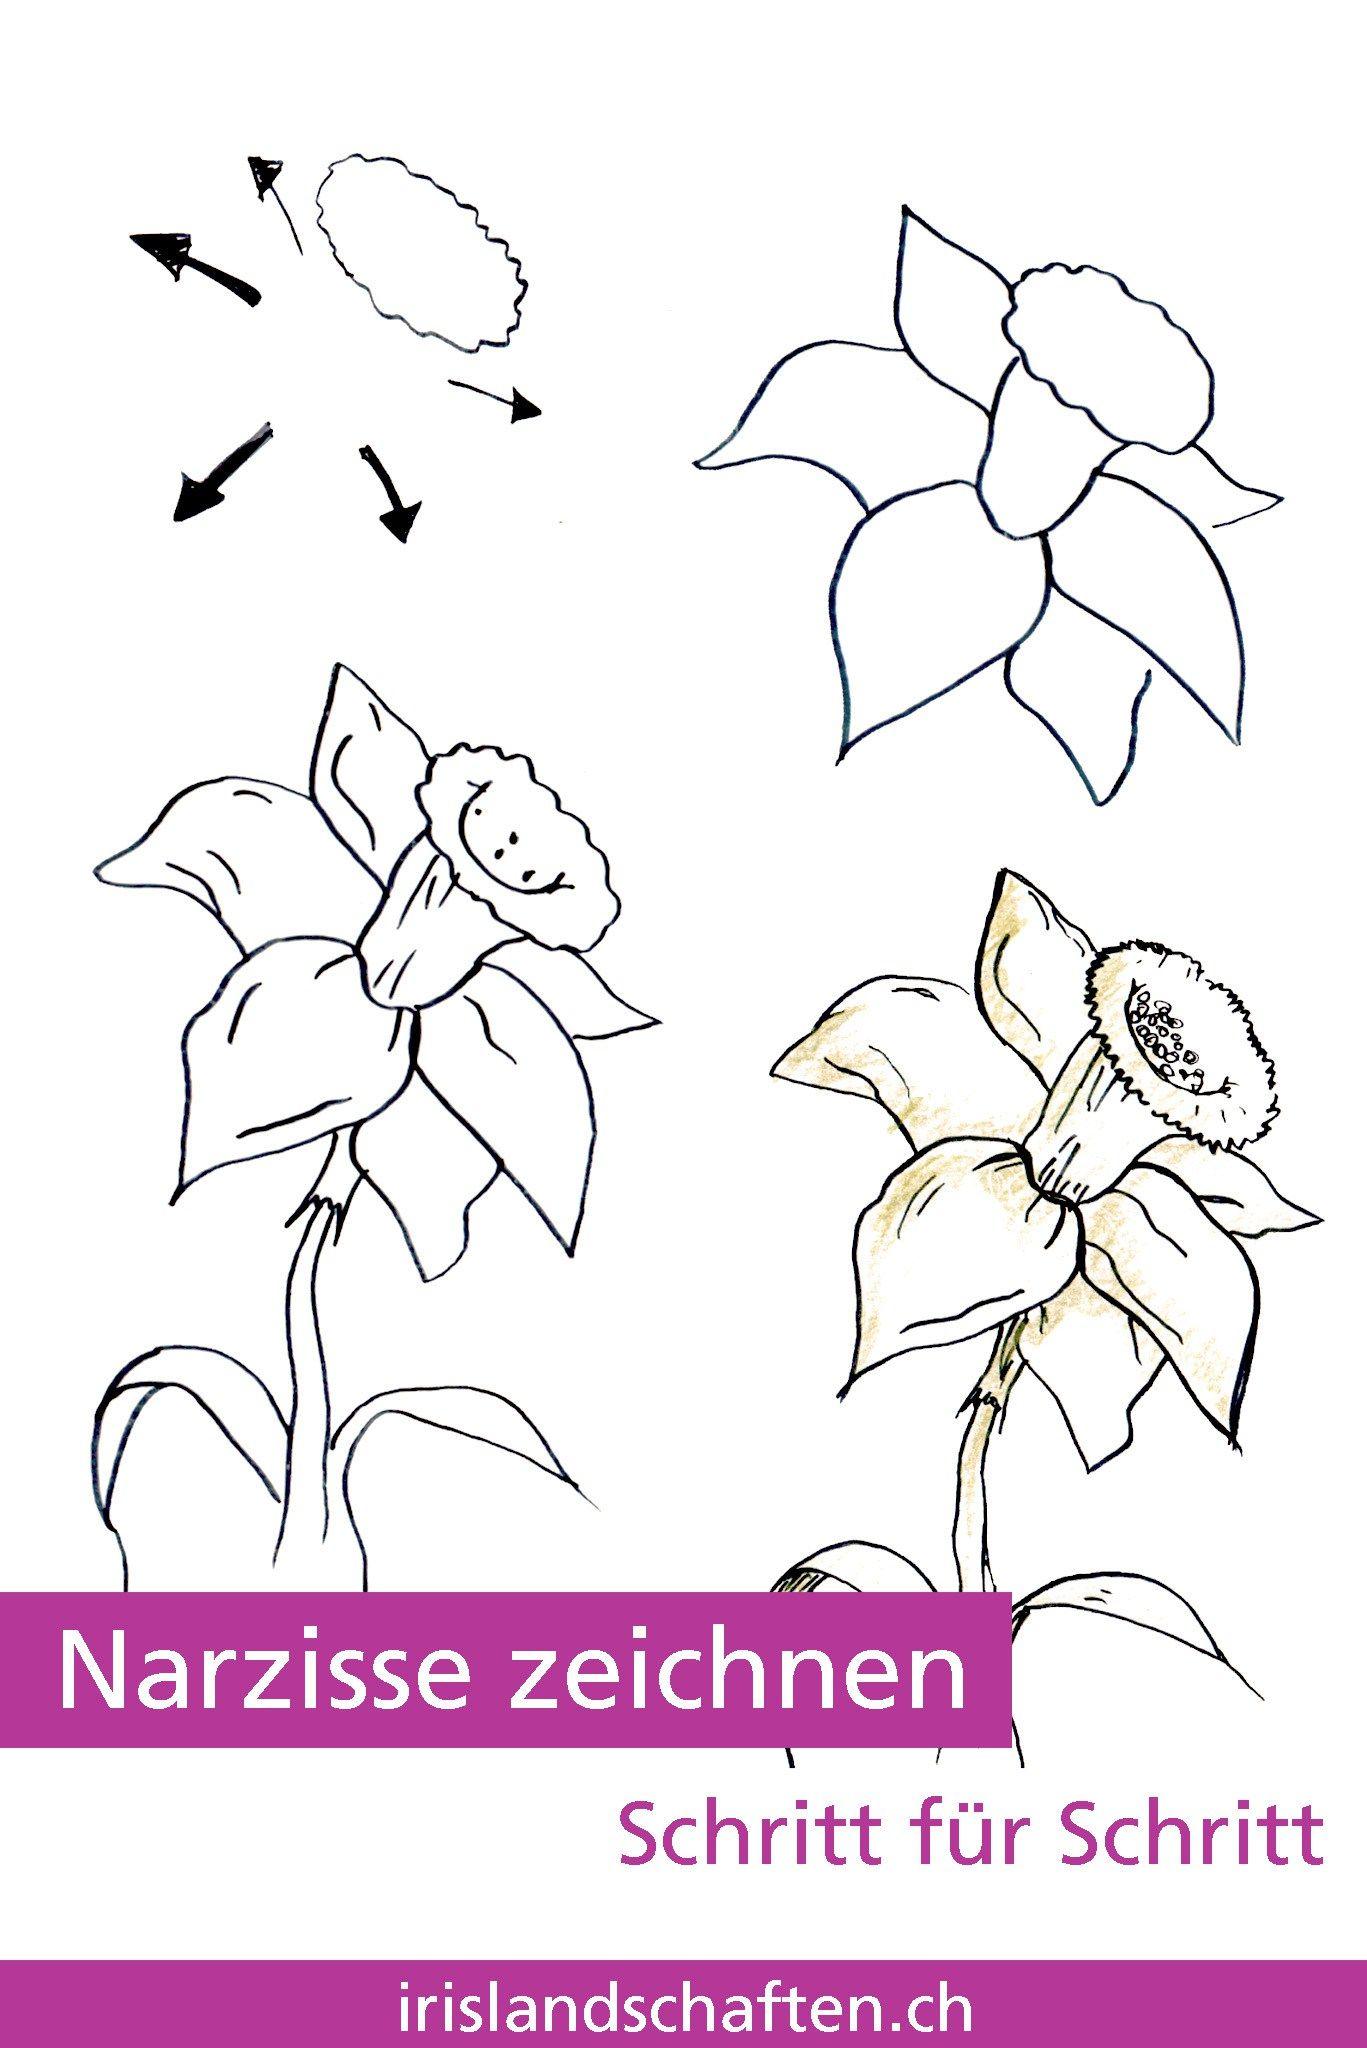 Pflanzen Zeichnen Schritt Fur Schritt Irislandschaften Ch Zeichnen Schritt Fur Schritt Blumen Zeichnen Zeichnen Leicht